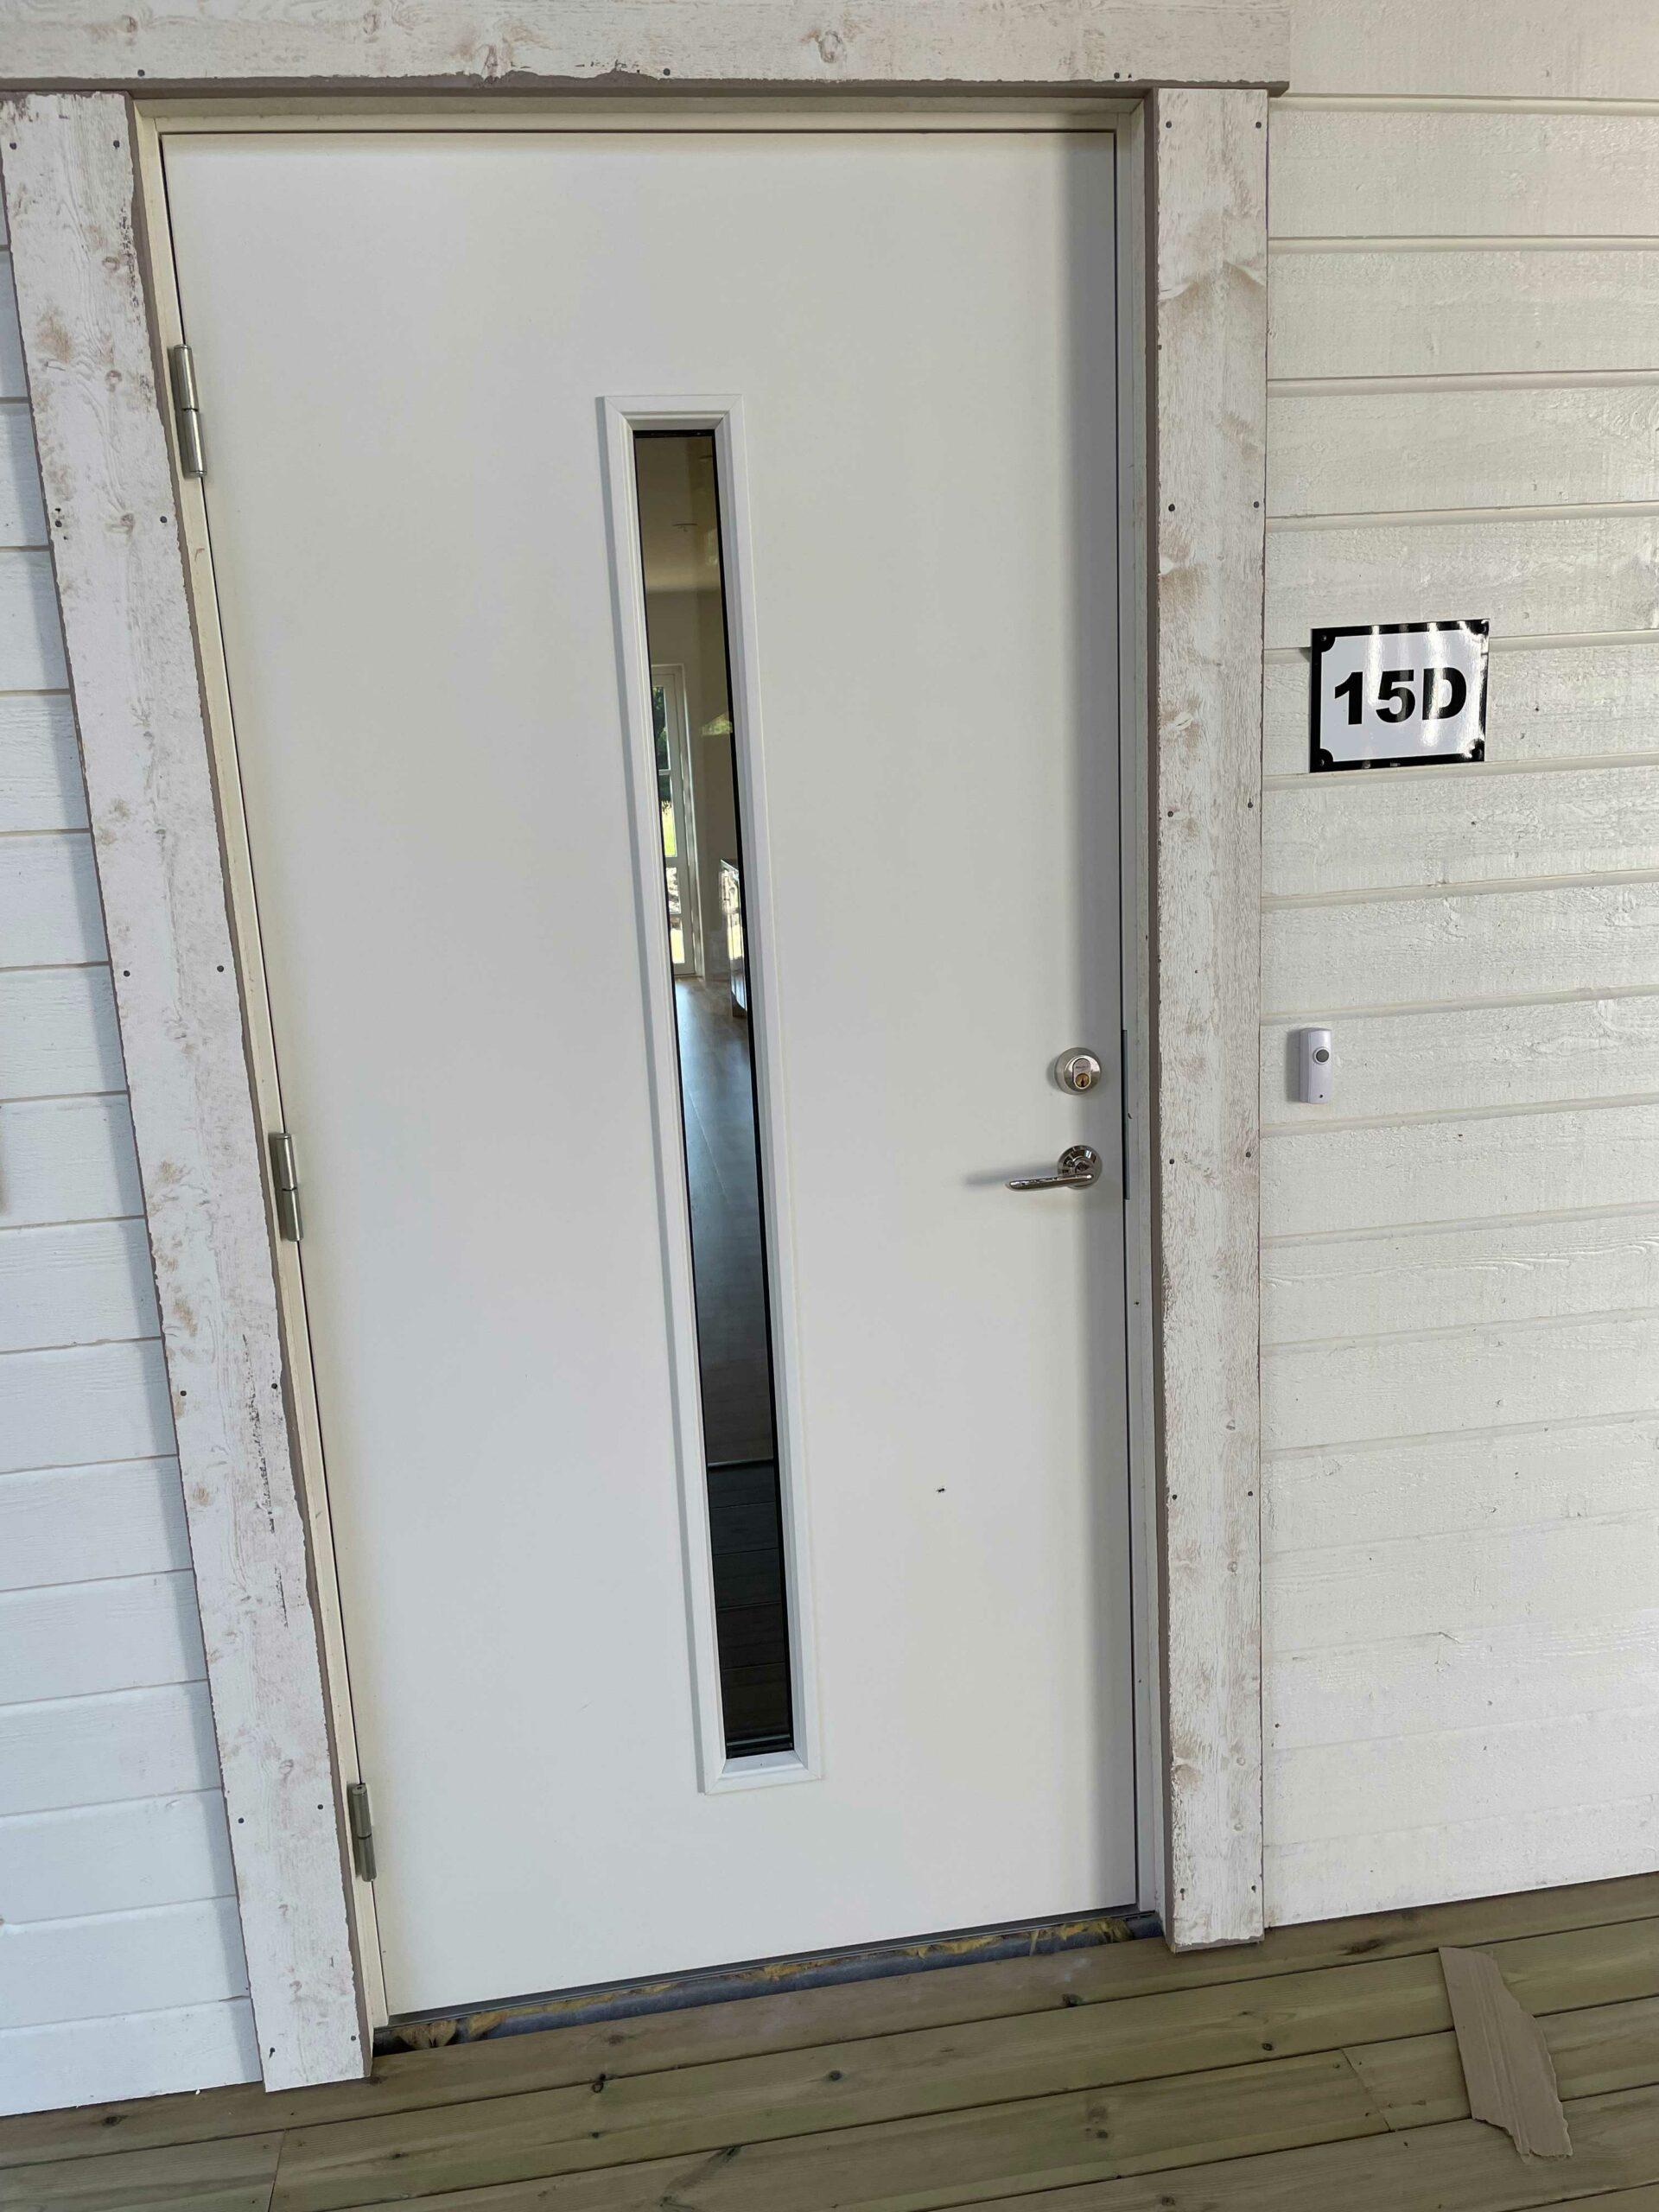 Mejselv-15D-dörr